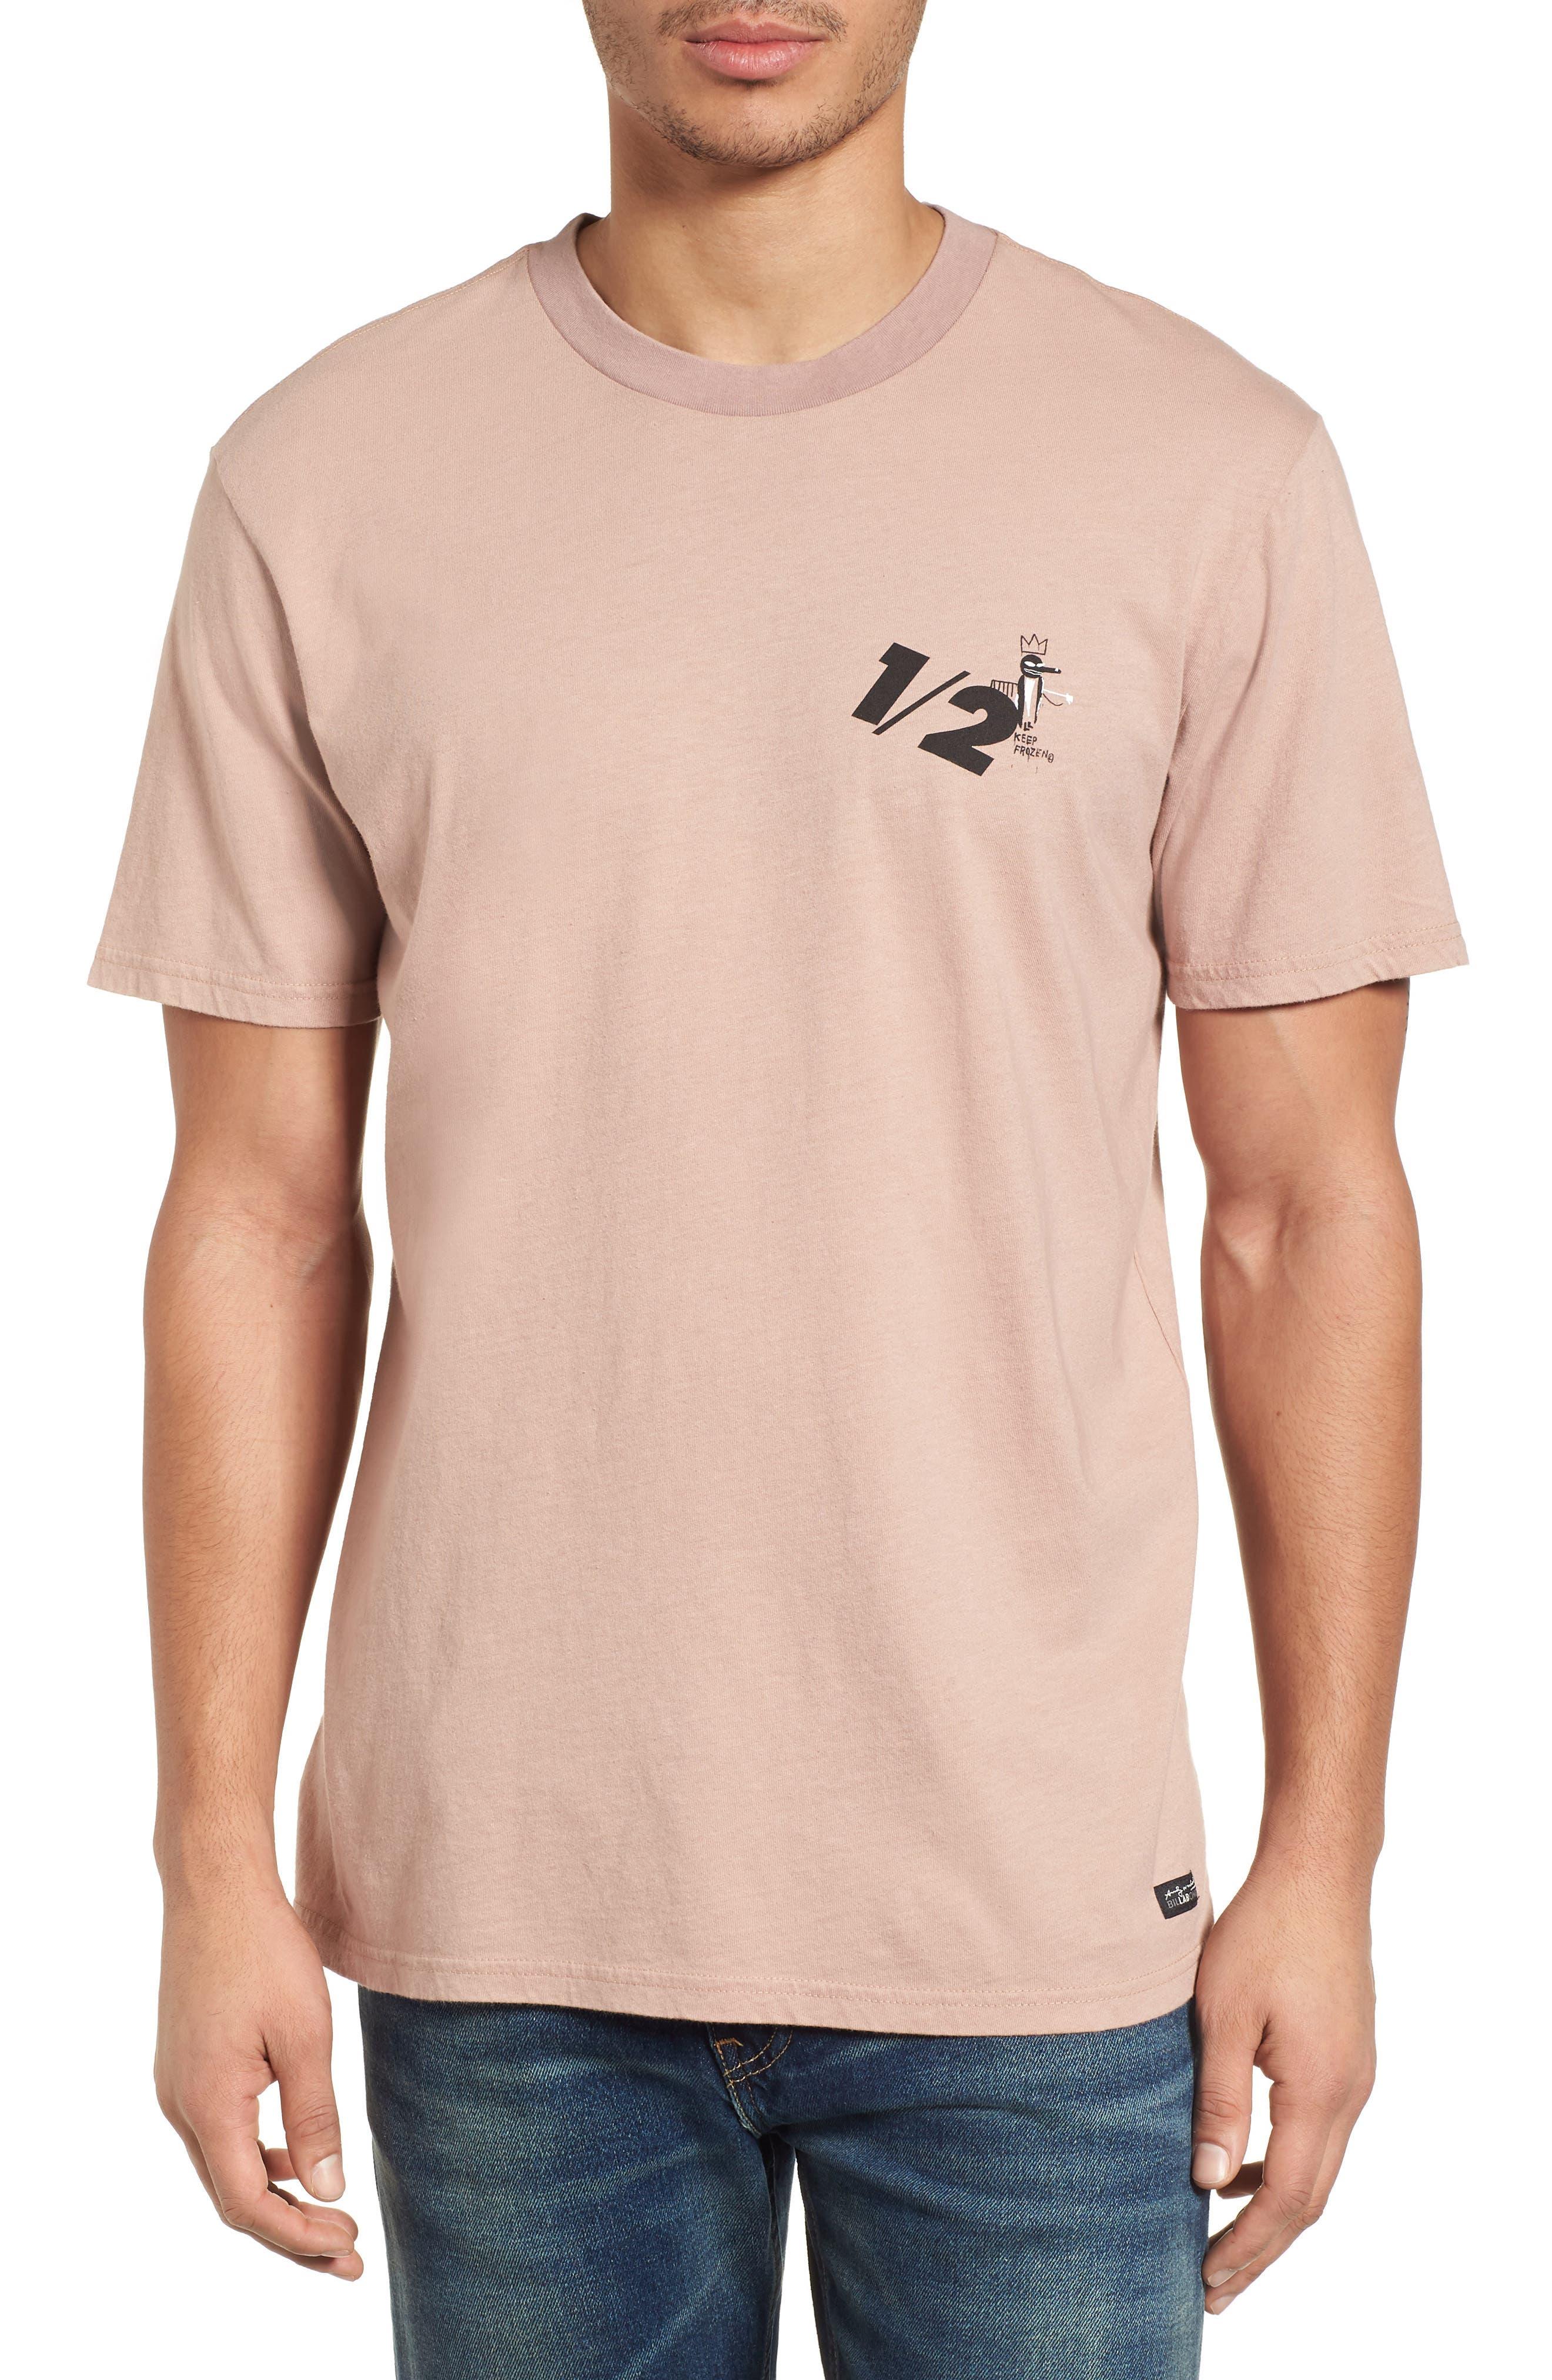 x Warhol Half T-Shirt,                             Main thumbnail 1, color,                             Ash Rose